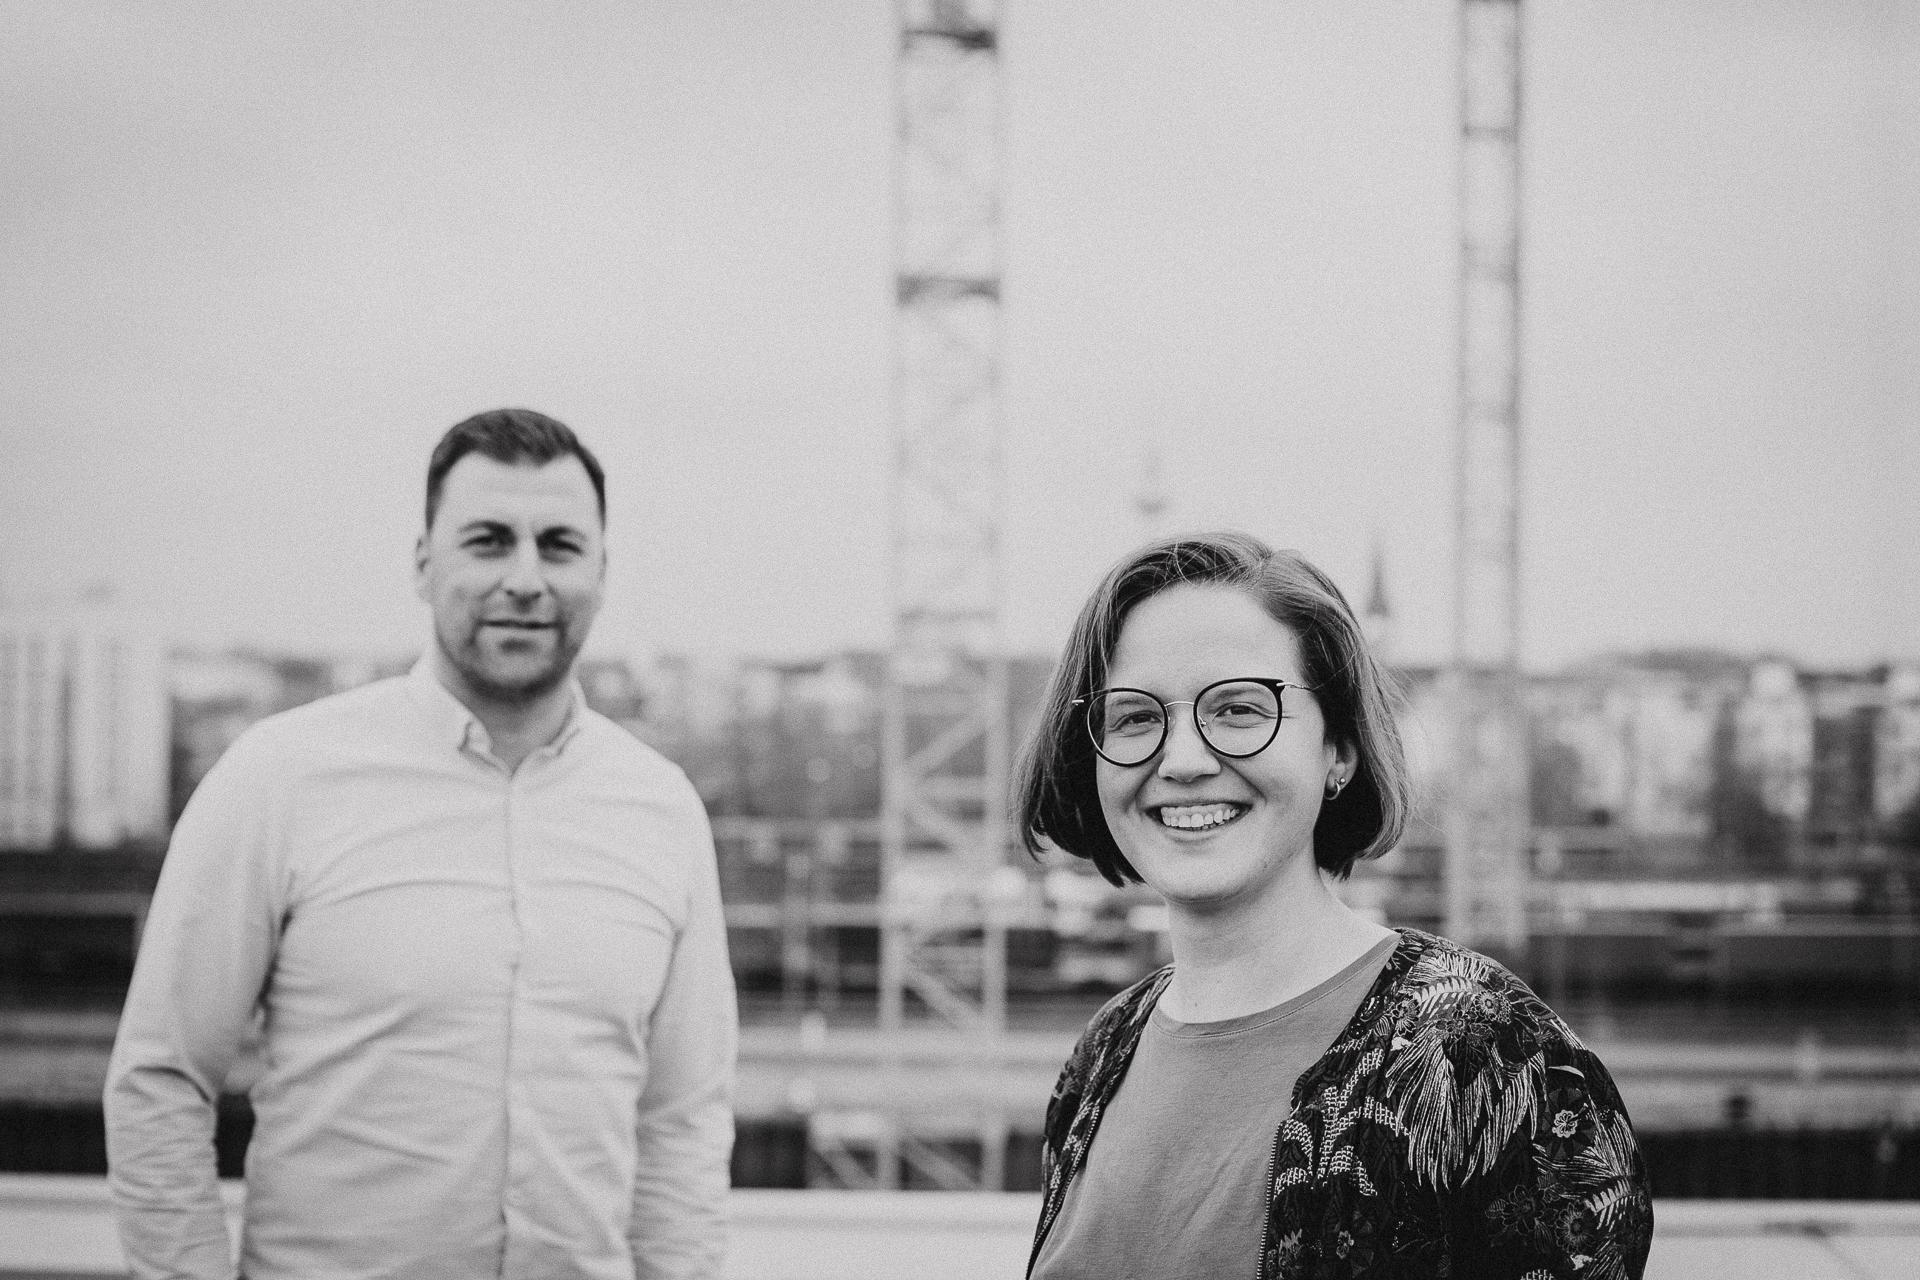 Burak Bas und Anna Hüttl aus dem NEXT MANNHEIM Team International. Sie verhelfen interessierten Startups zu einem perfekten Start an einem perfekten Standort - von der Idee bis zur Ansiedlung in Mannheim